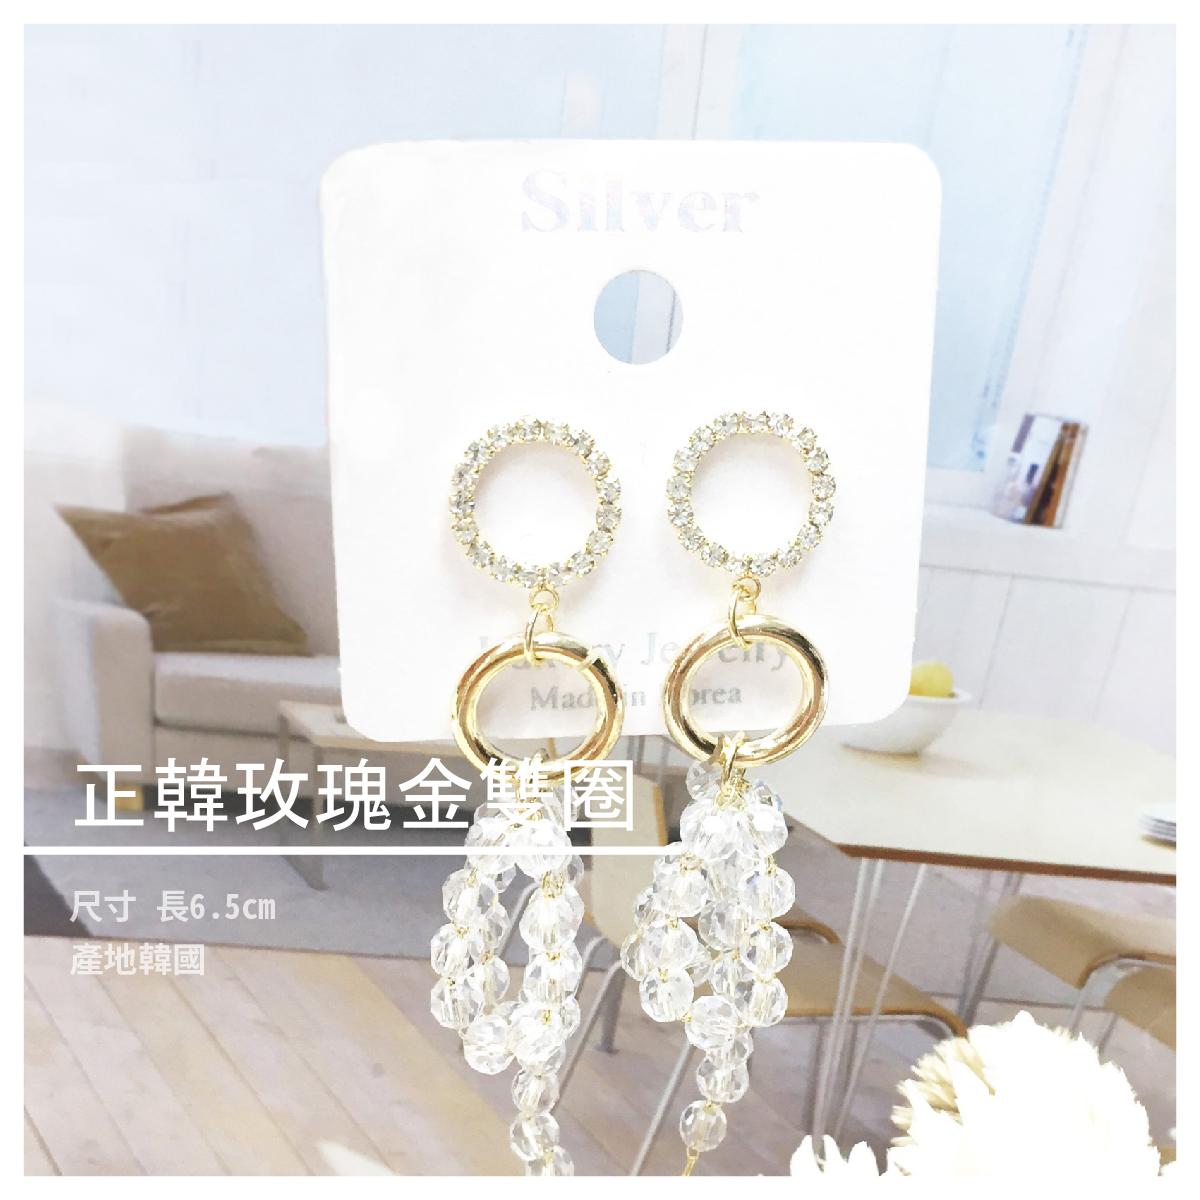 【JG飾品】正韓玫瑰金雙圈 水晶垂墜 925純銀 耳針耳環